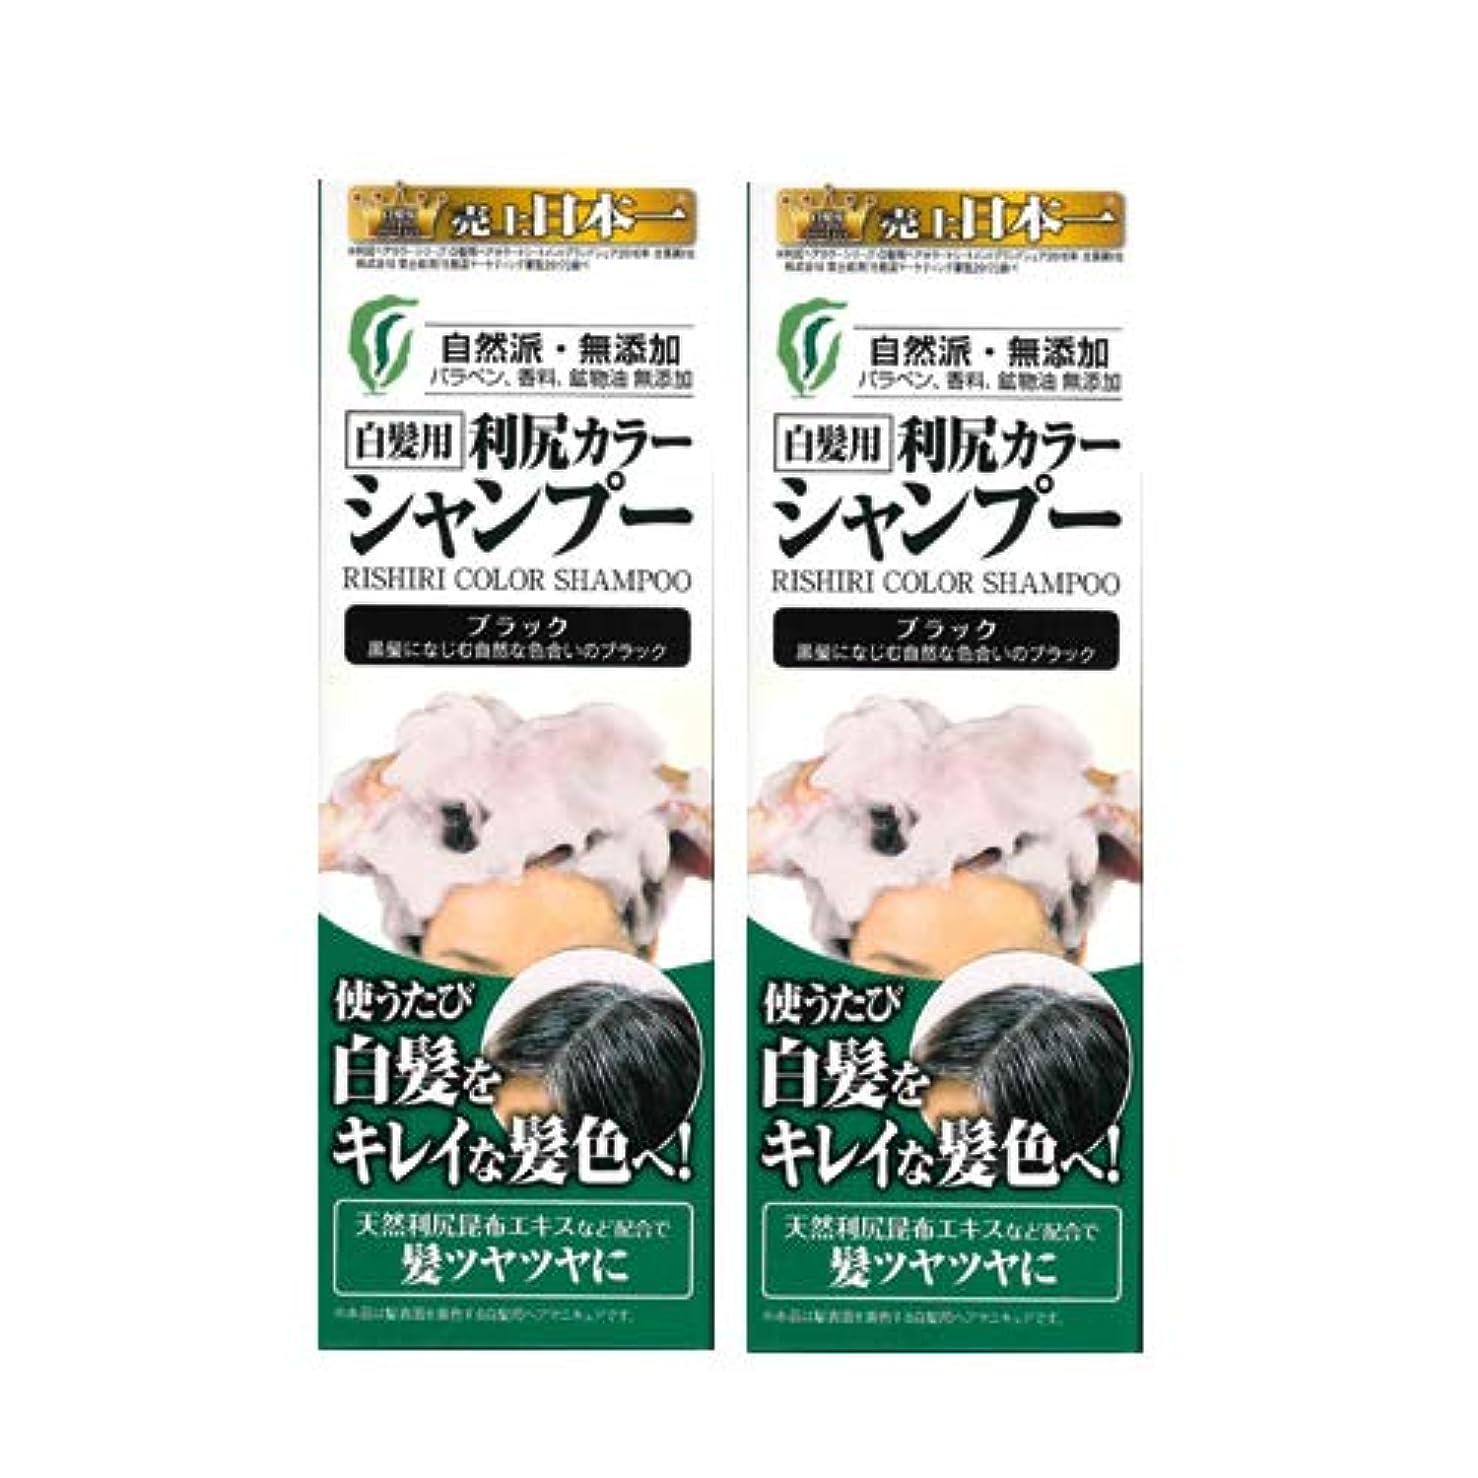 王朝郵便番号減る利尻カラーシャンプー2本セット(ブラック)